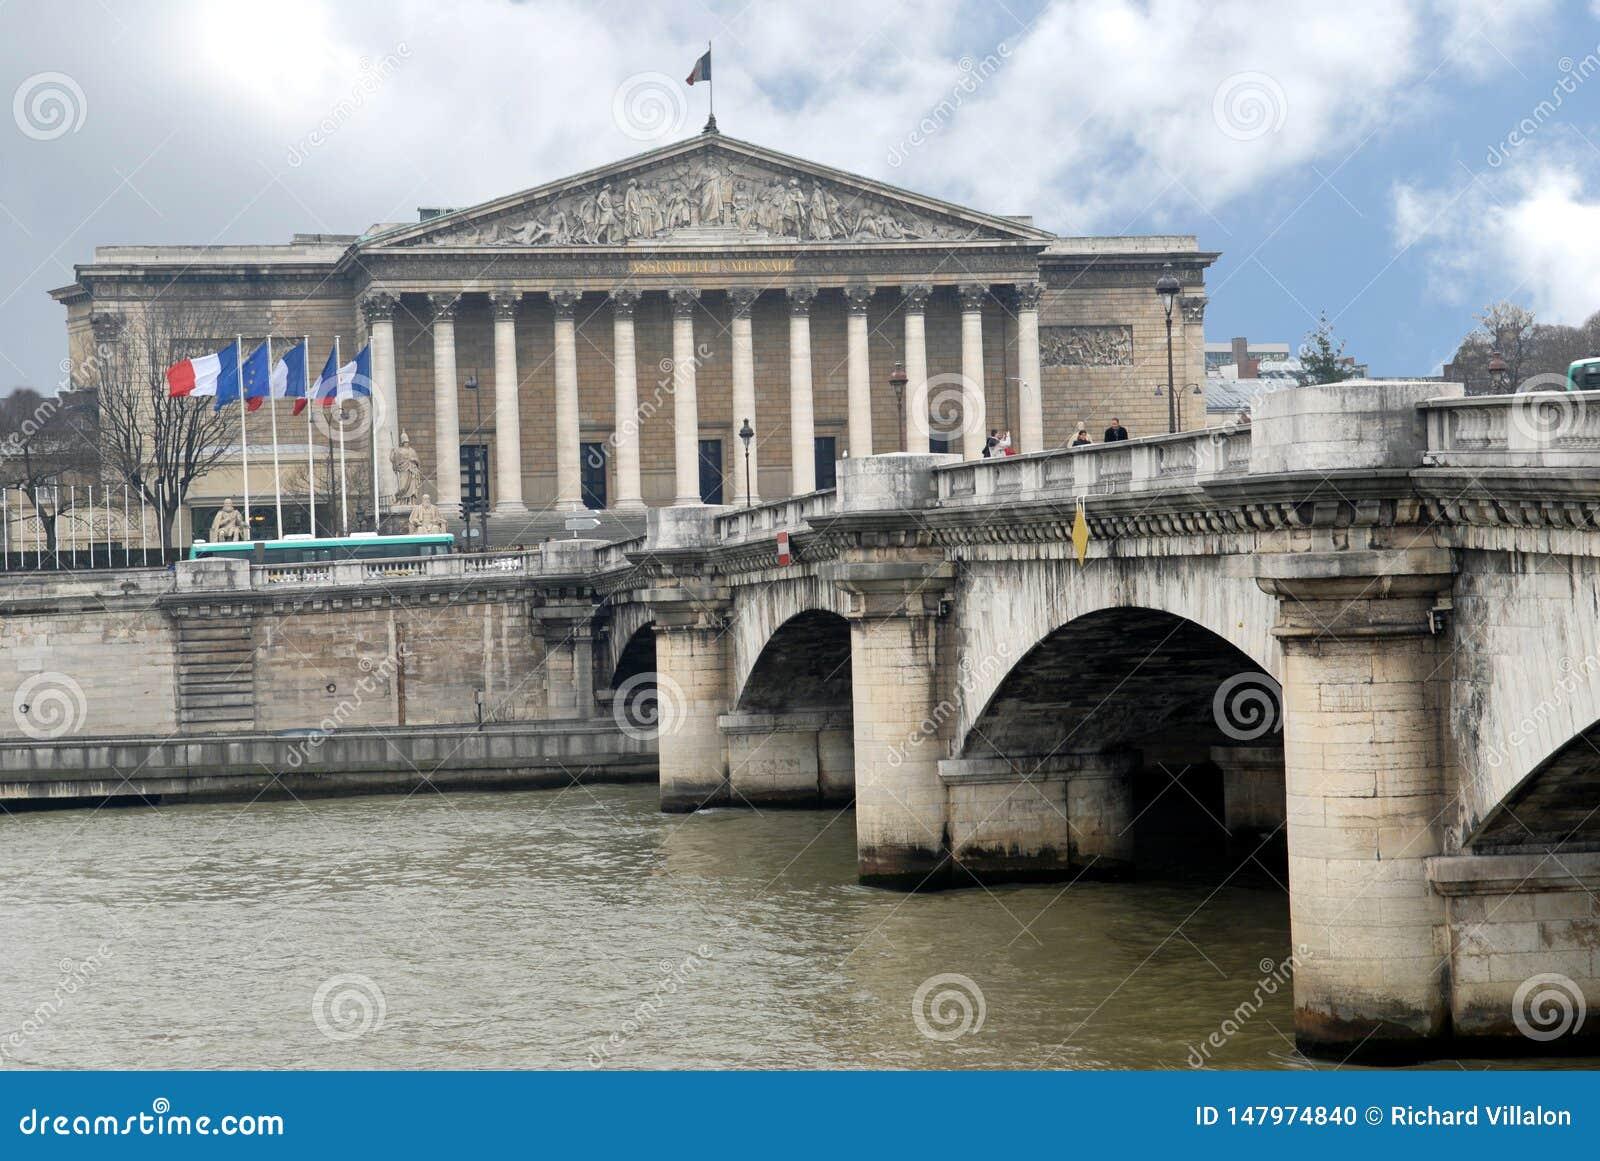 Conjunto nacional franc?s em Paris, Fran?a